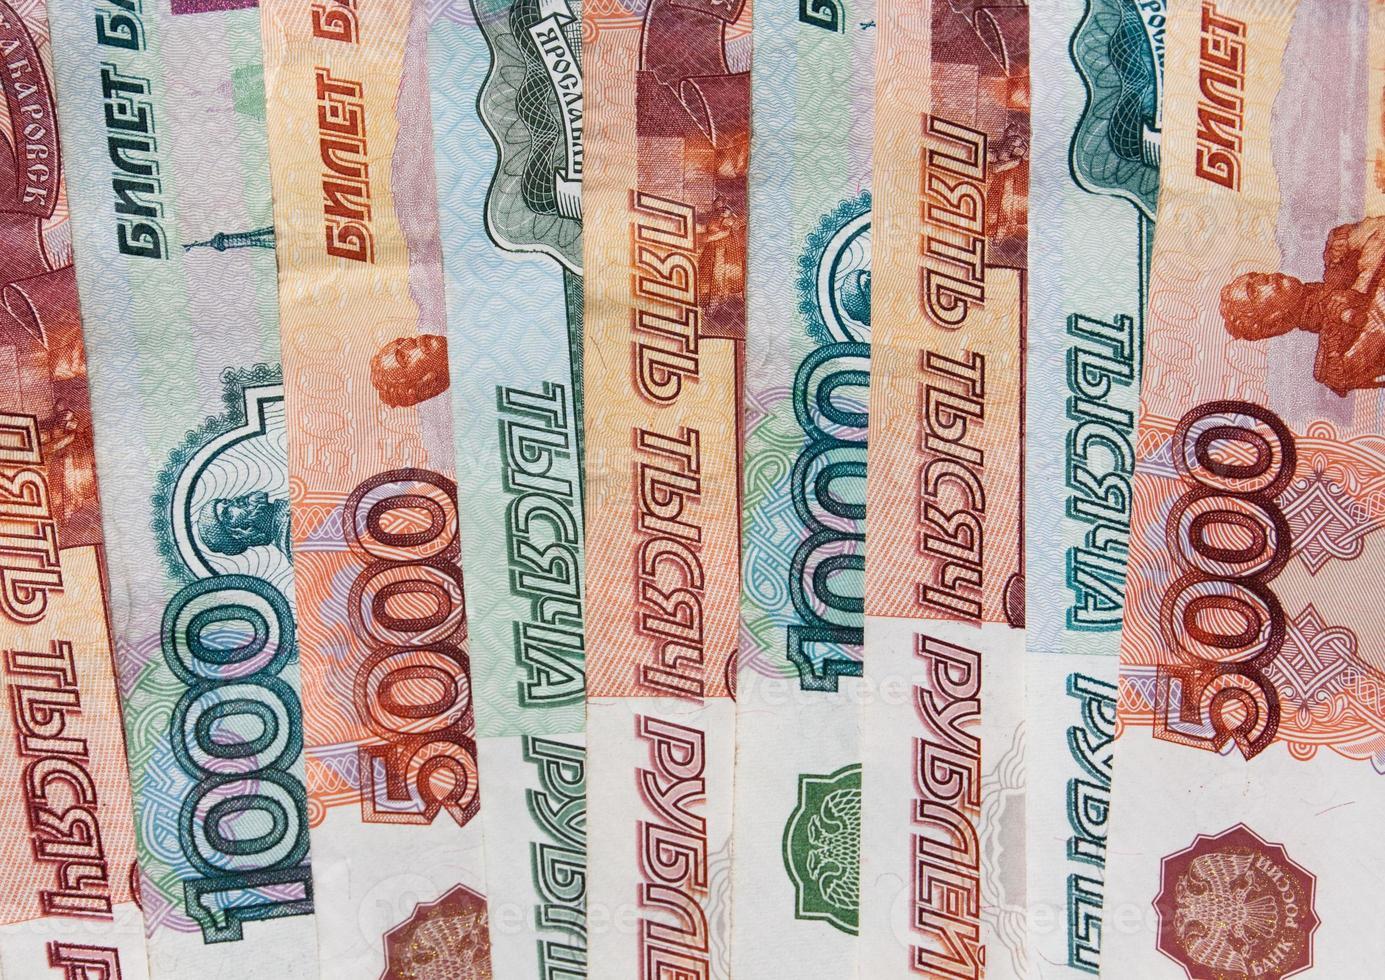 dinheiro notas russas dignidade cinco mil e mil rublos foto